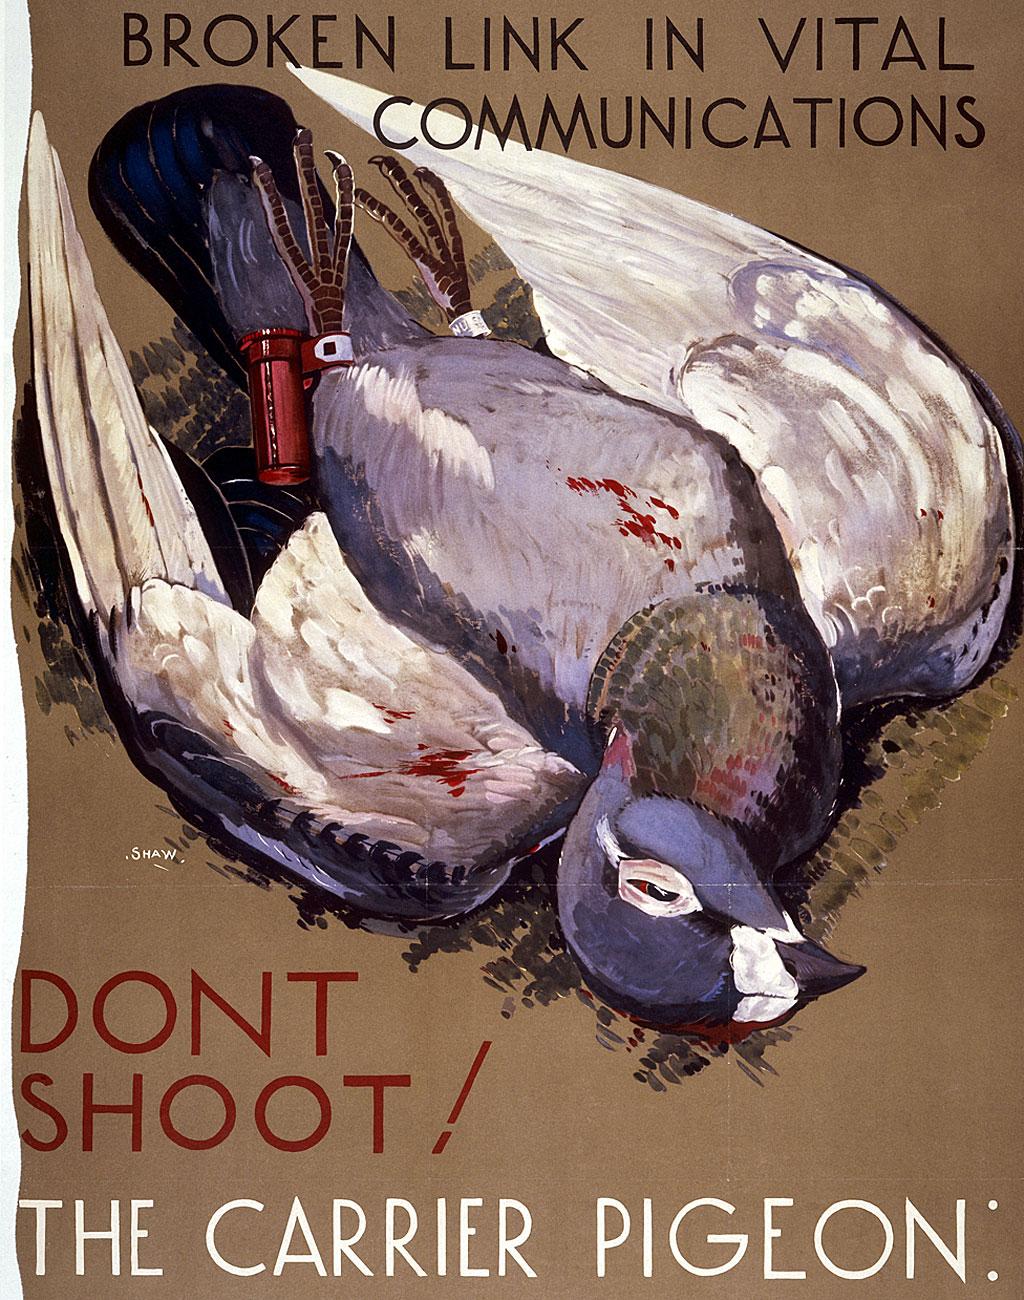 Afiches como este le pedían a la gente que no mataran a las palomas pues podían interferir con comunicaciones vitales.